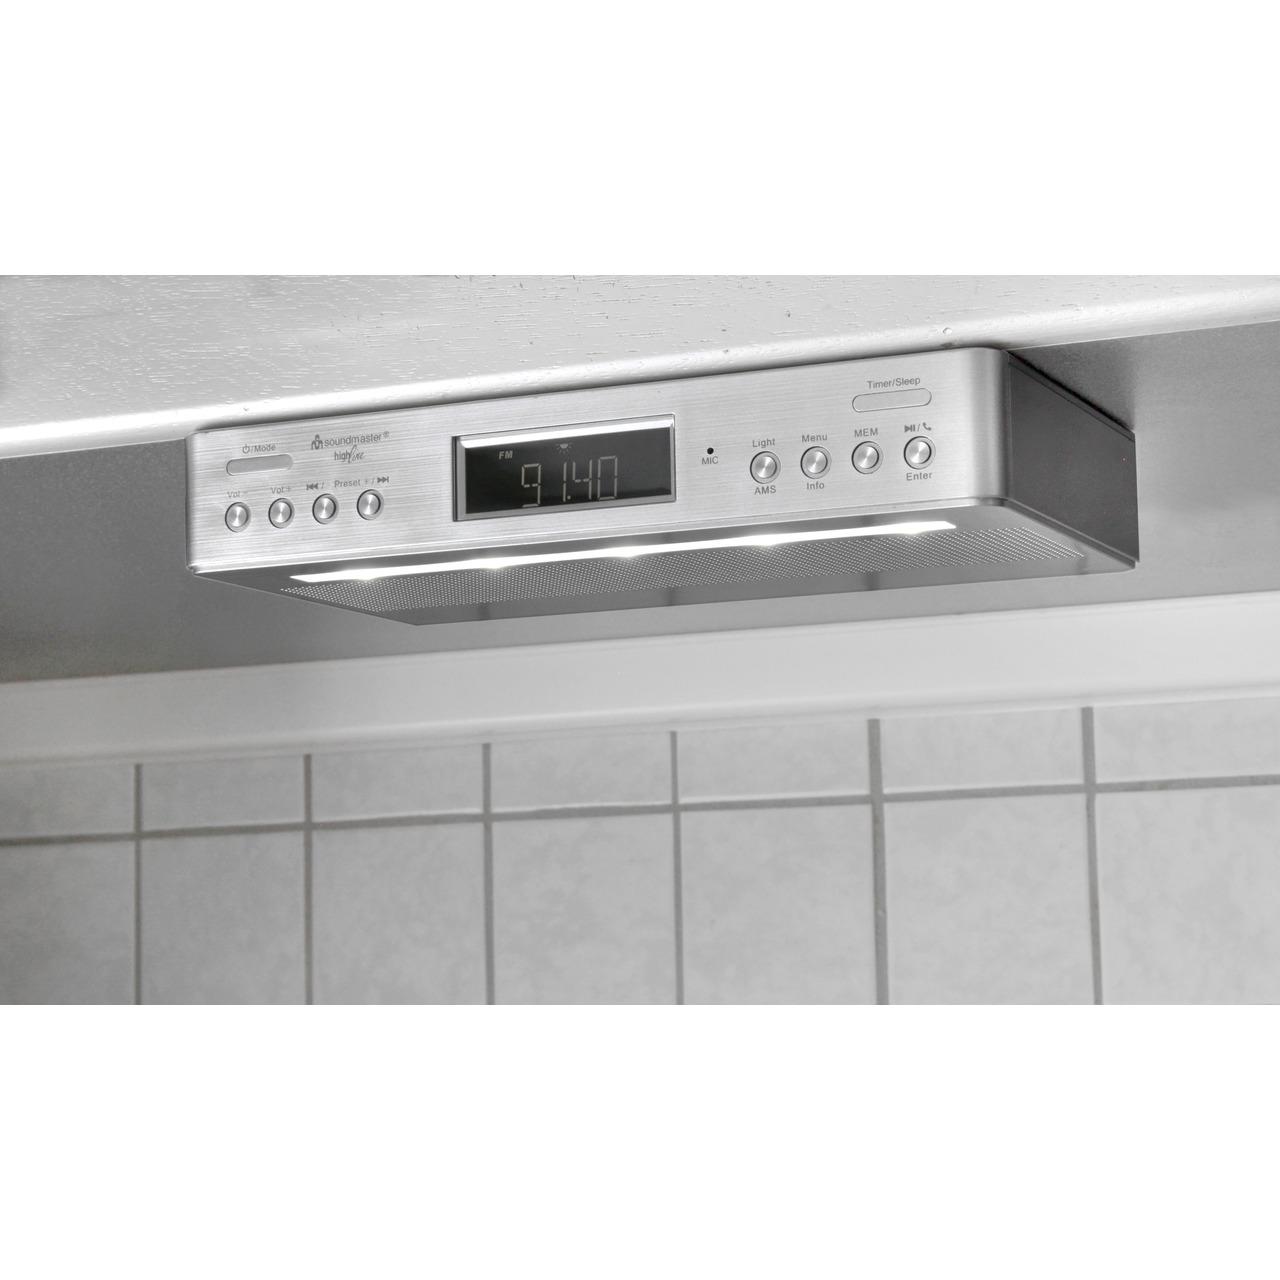 Soundmaster Küchen-Unterbauradio UR2045 SI- UKW-DAB+- mit Bluetooth-Funktion und Küchentimer